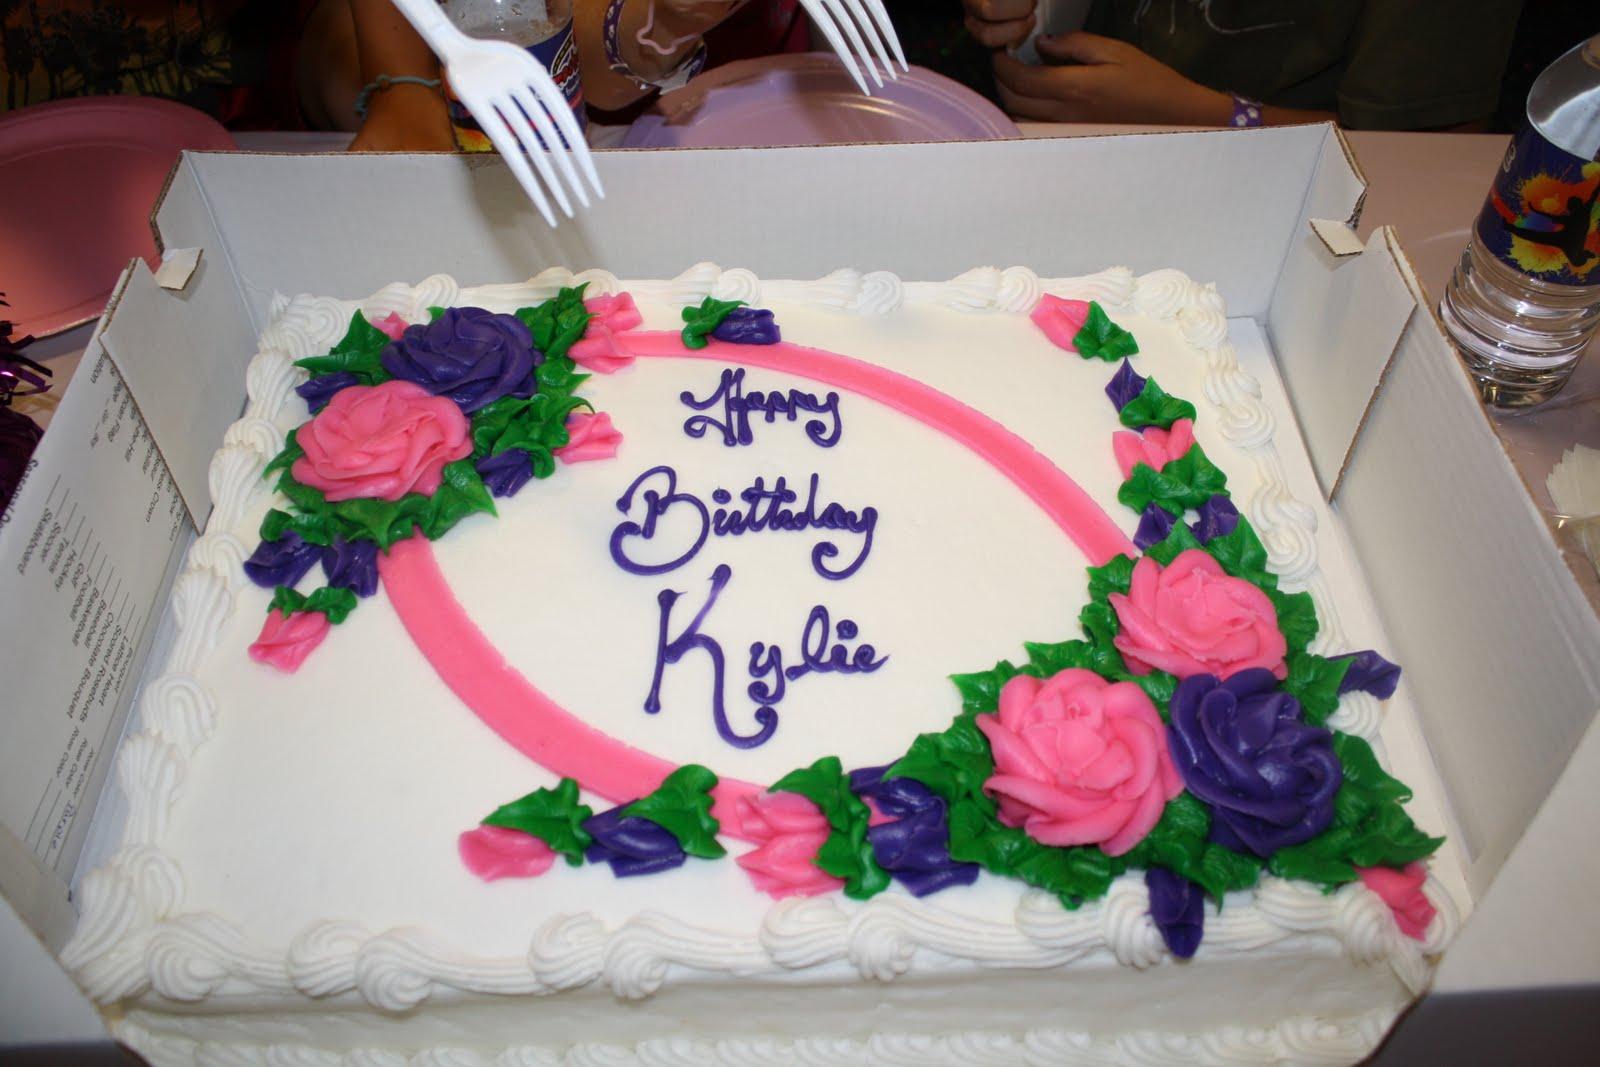 Birthday Cakes Uk ~ Costco birthday cakes cost uk